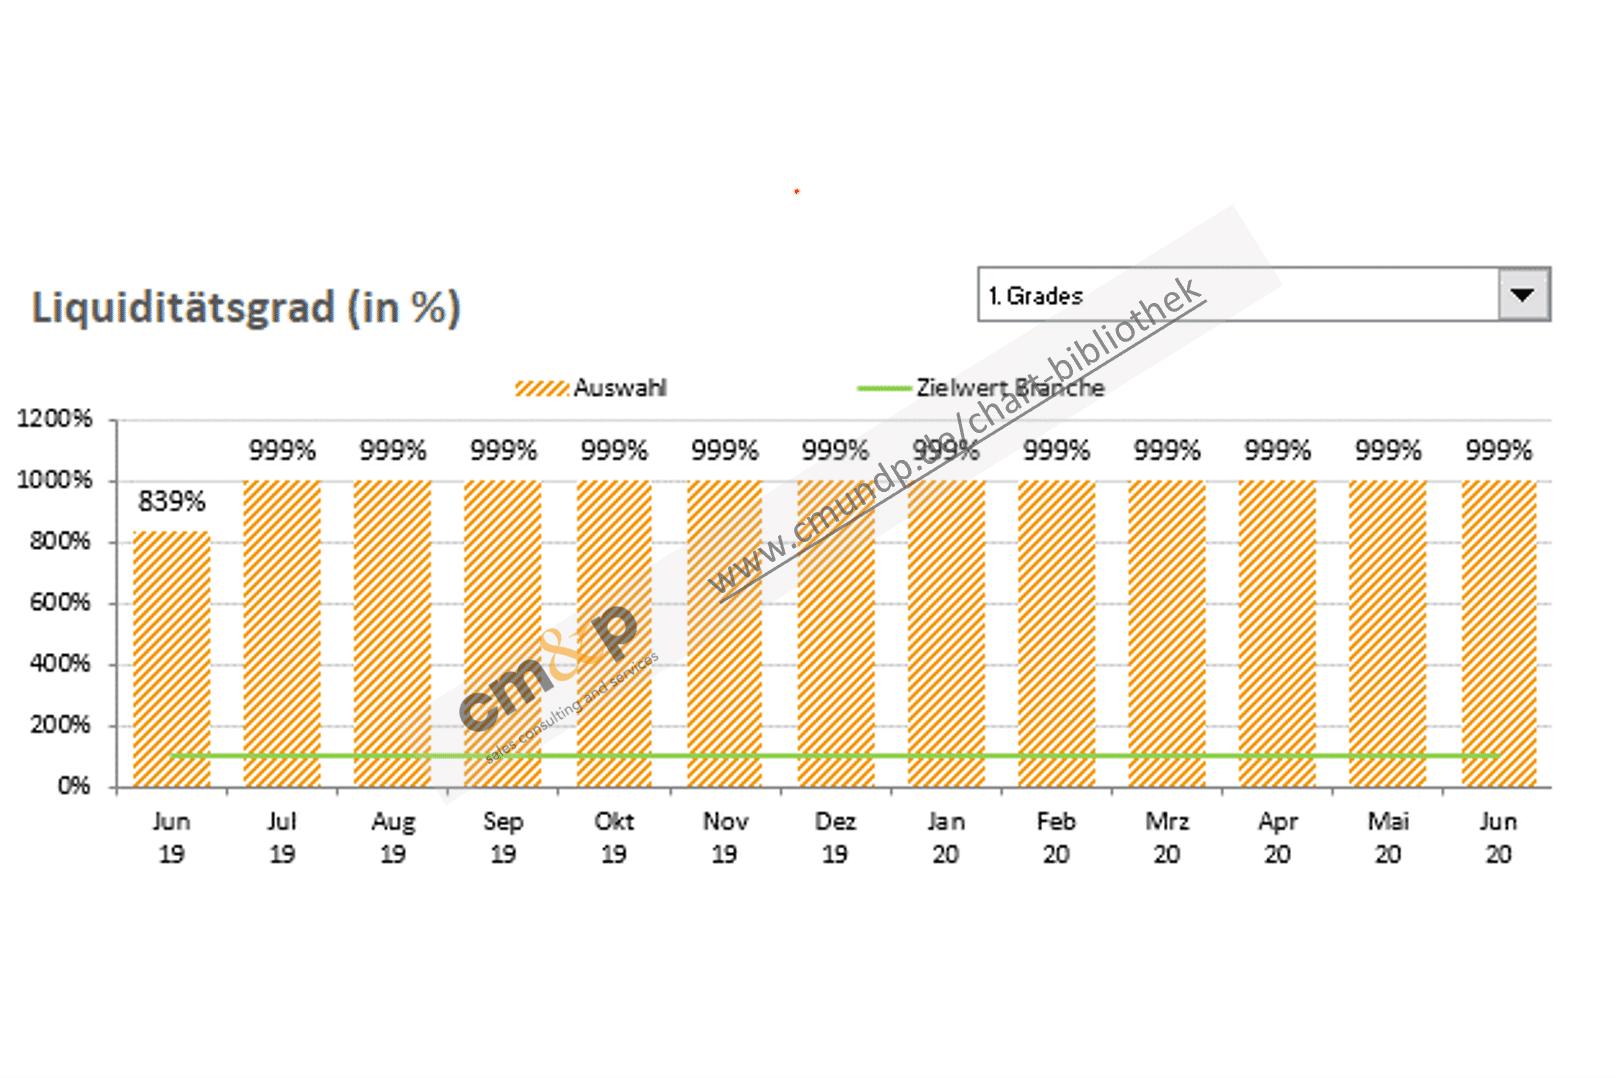 Darstellung der Liquidität 1.-3. Grades als Säulen über einen 13-Monatszeitraum in % mit Wertangabe möglich Der Zielwert der Branche wird als Linie in % dargestellt